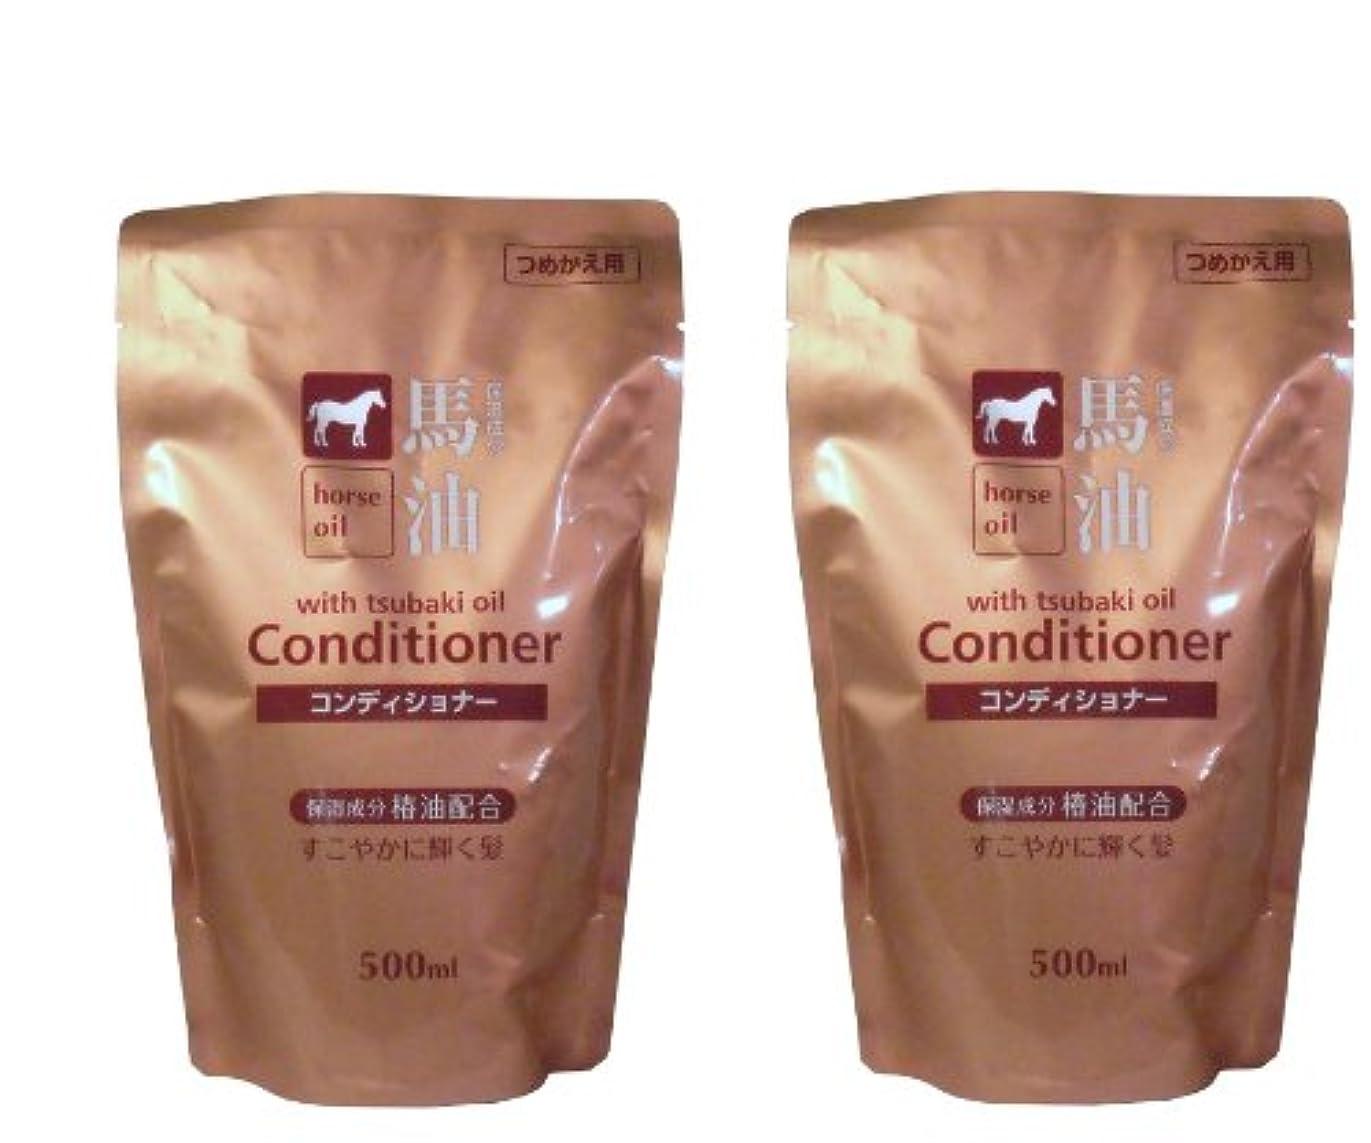 無能告白する症状馬油コンディショナー 椿油配合 詰替え用 2個セット(各500mL)  【日本製】